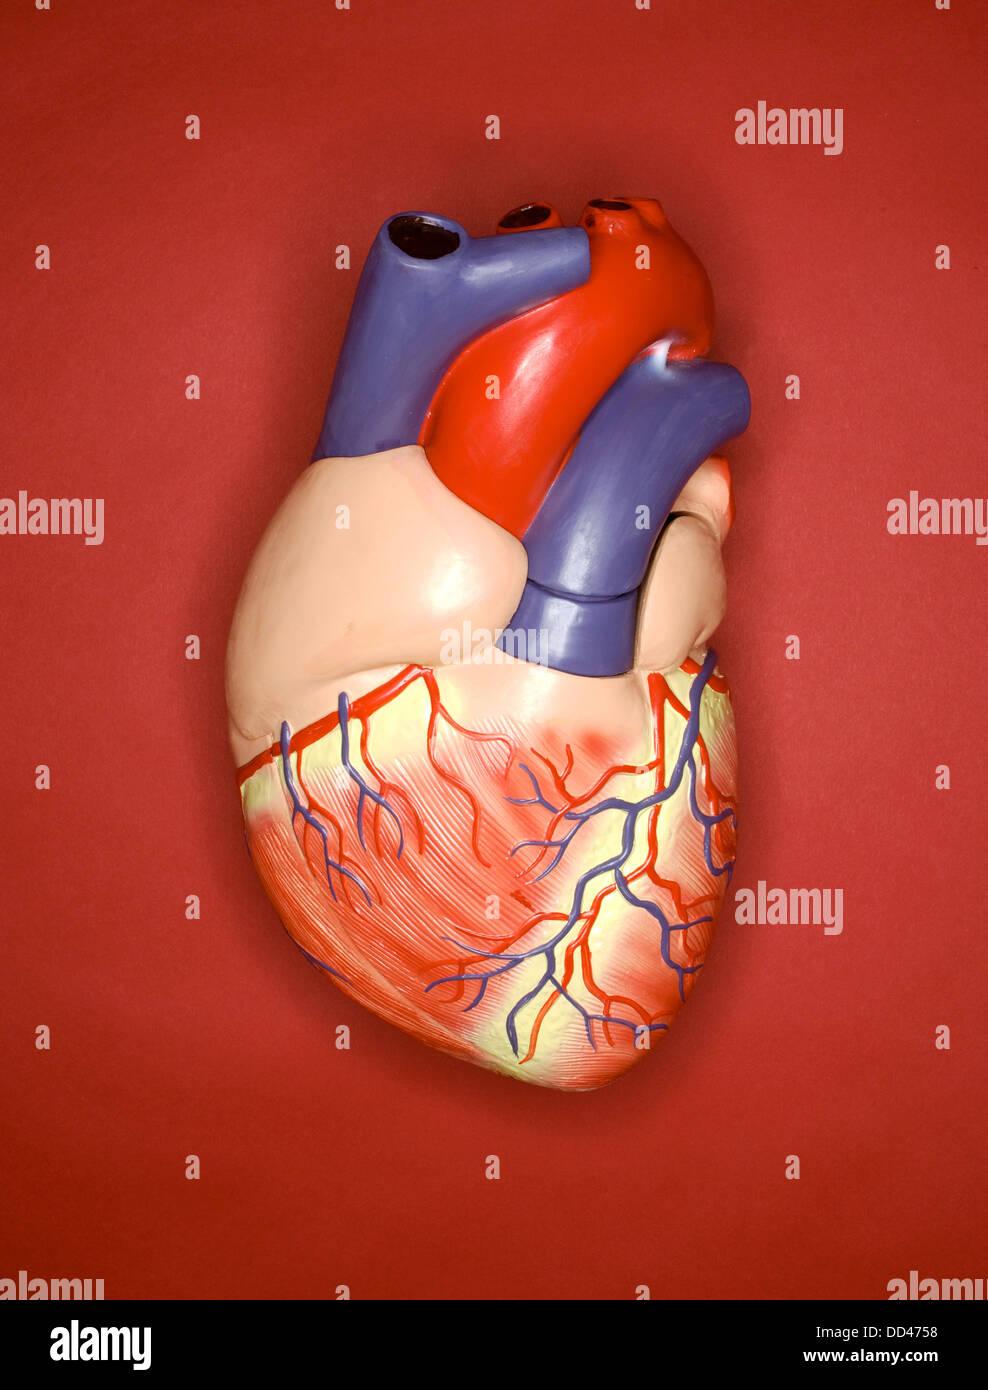 Ein Modell des menschlichen Herzens auf einem roten Hintergrund aus Kunststoff Stockbild